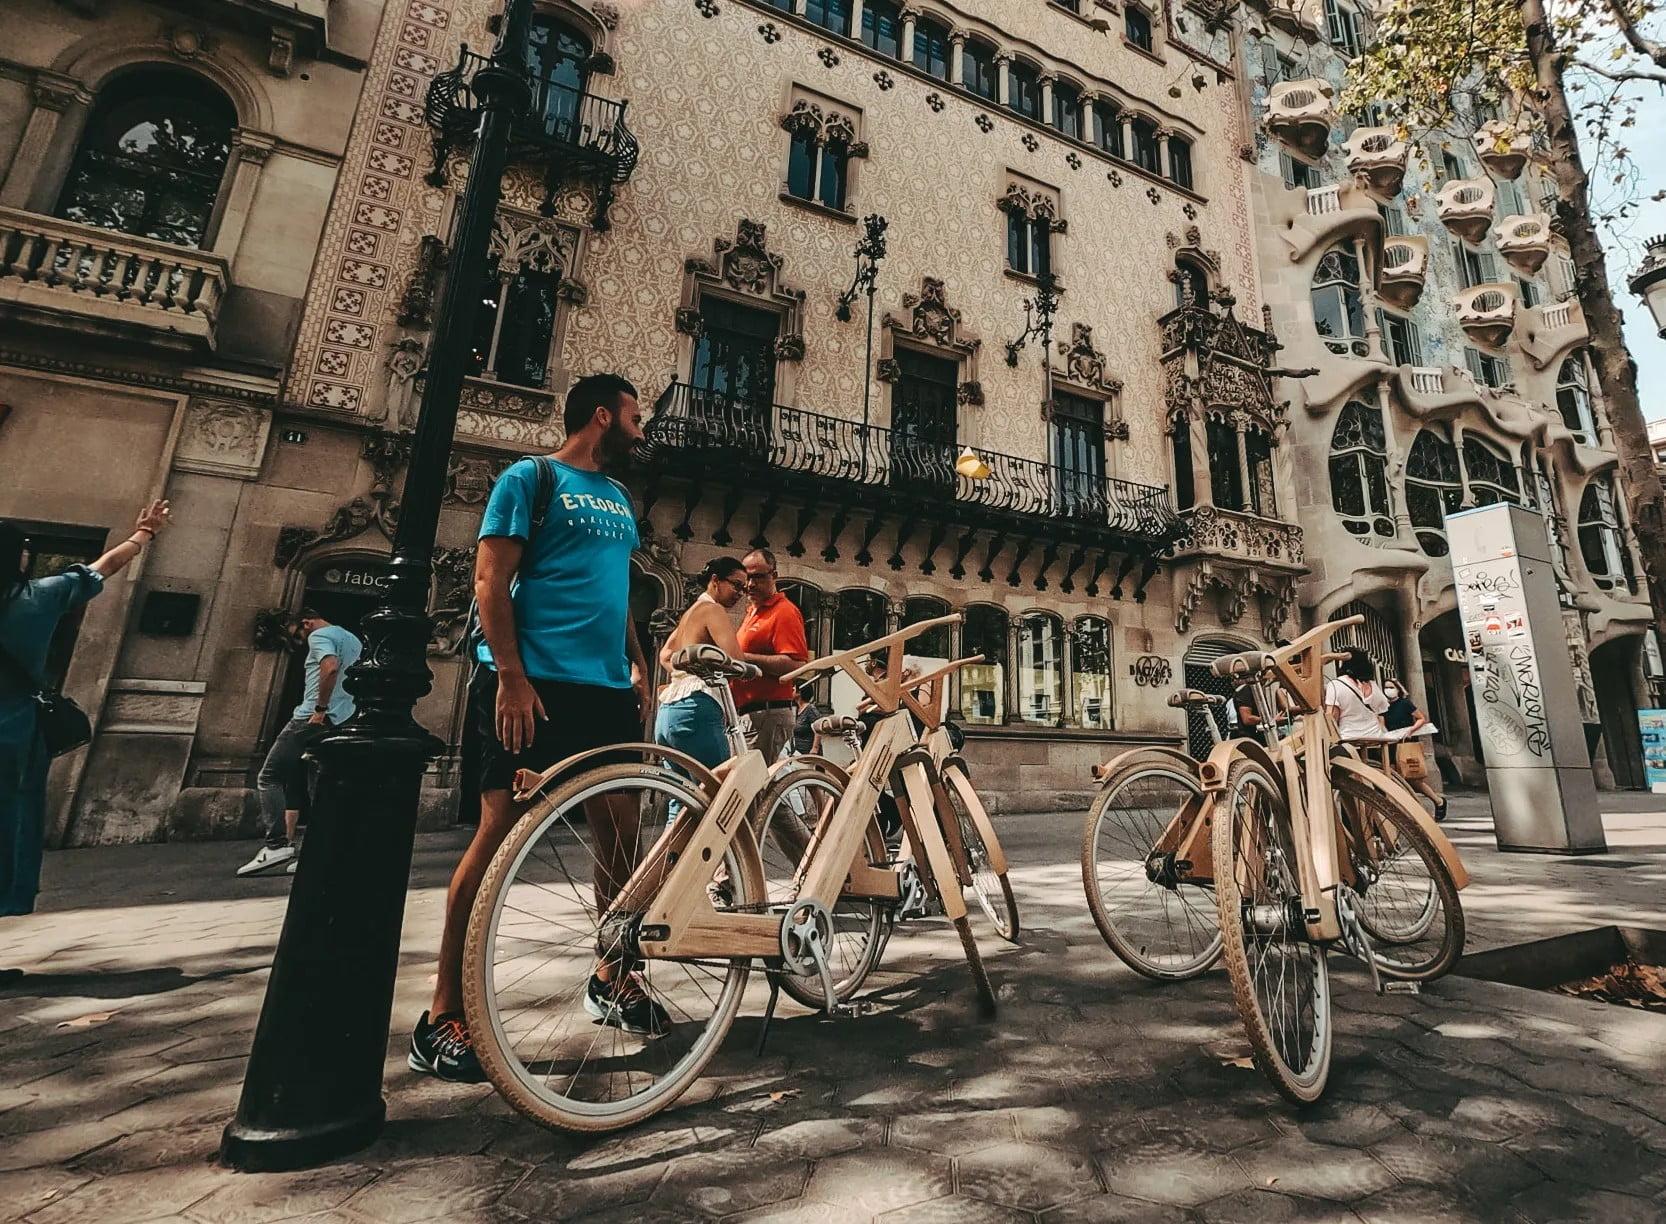 Ο Έλληνας που ξεναγεί τουρίστες με ξύλινα ποδήλατα και SUP στη Βαρκελώνη